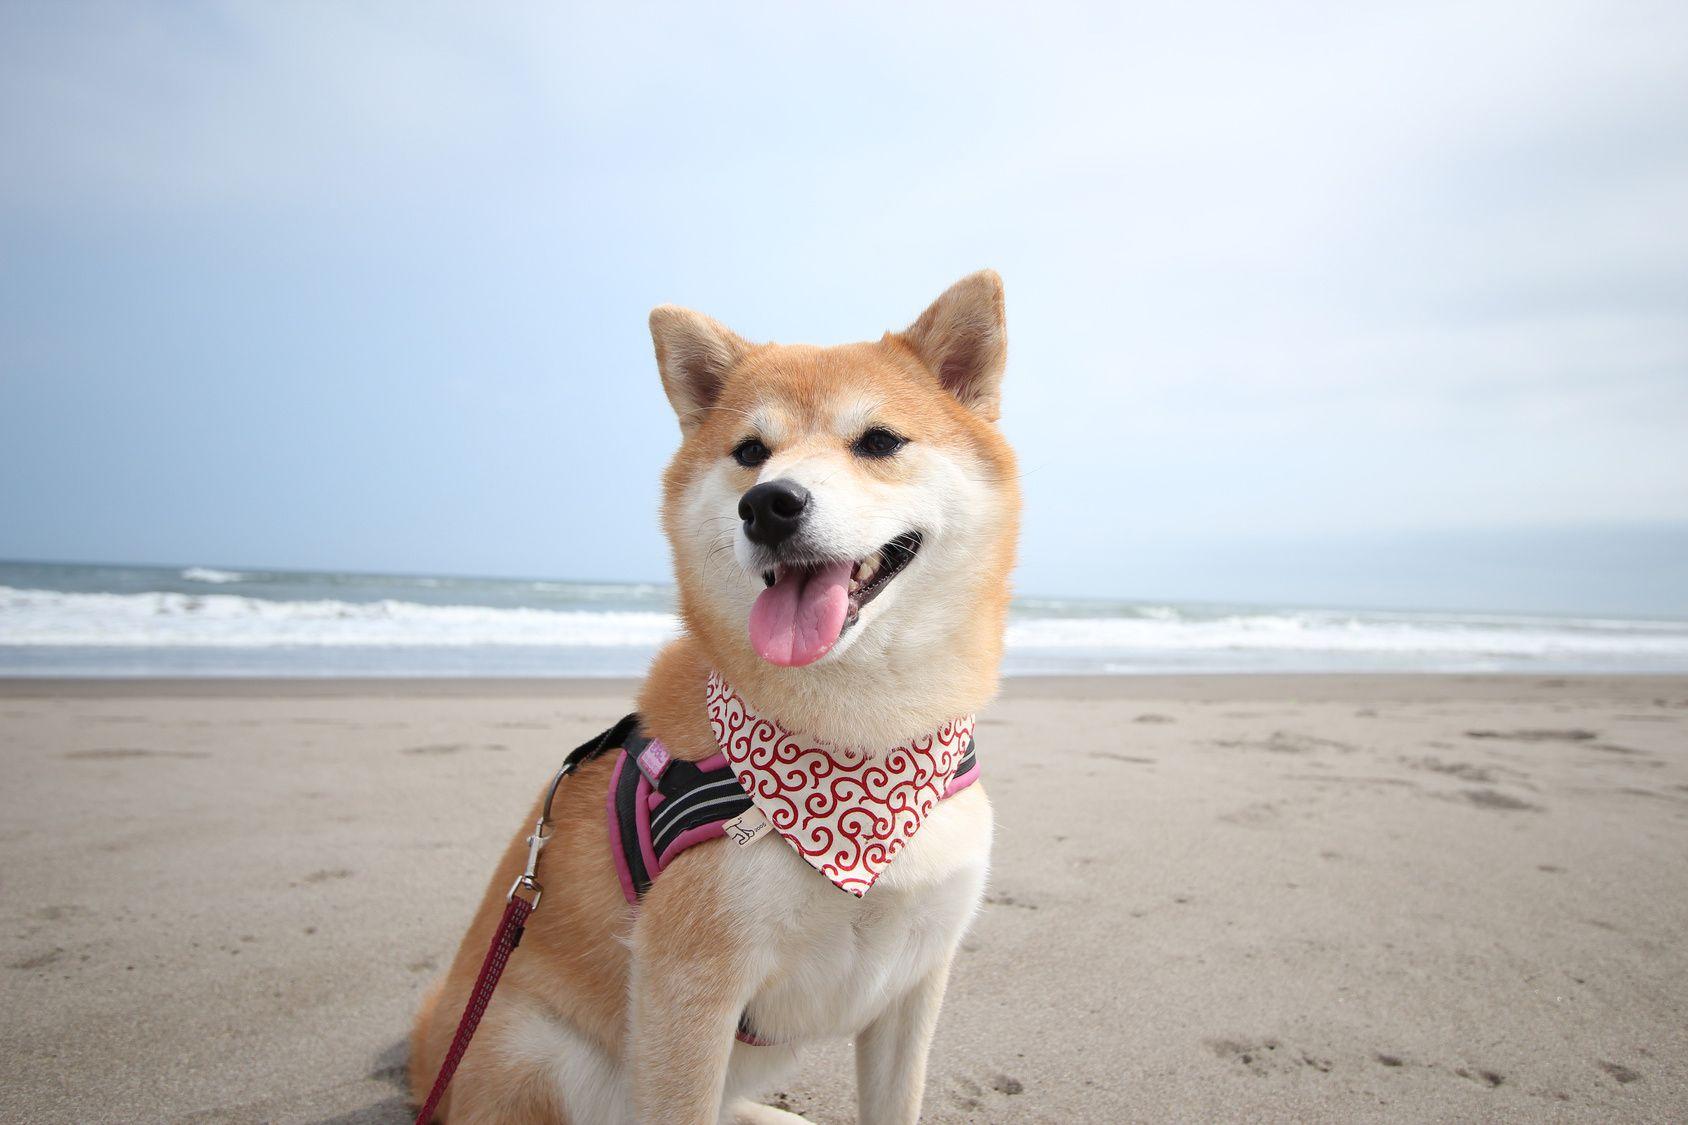 夏だ!愛犬と一緒に海に行こう!九州のペット連れOKなビーチ5選